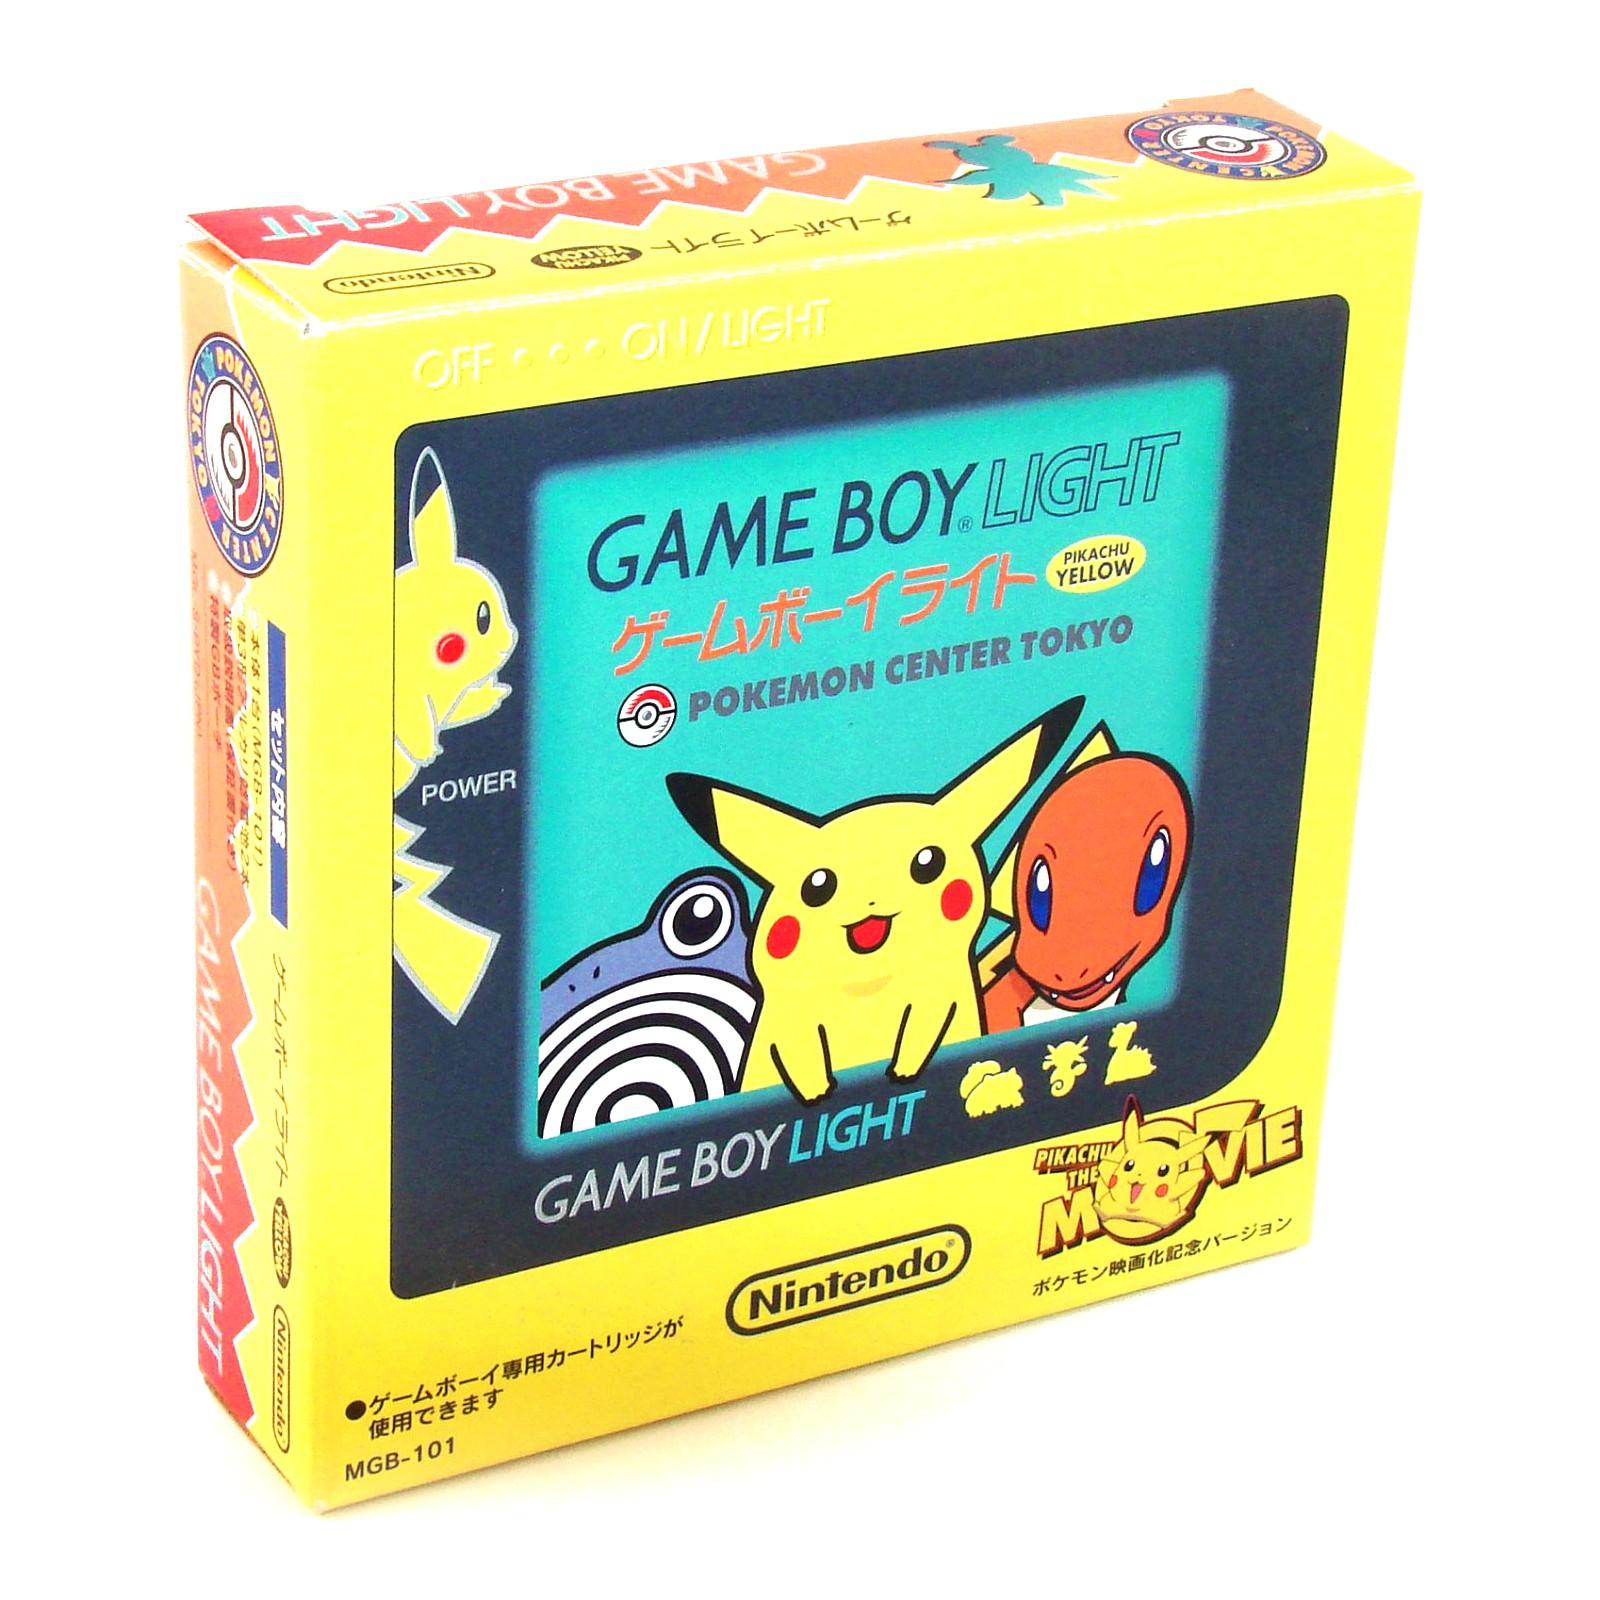 Konsole #Pokémon Center Tokyo Edition